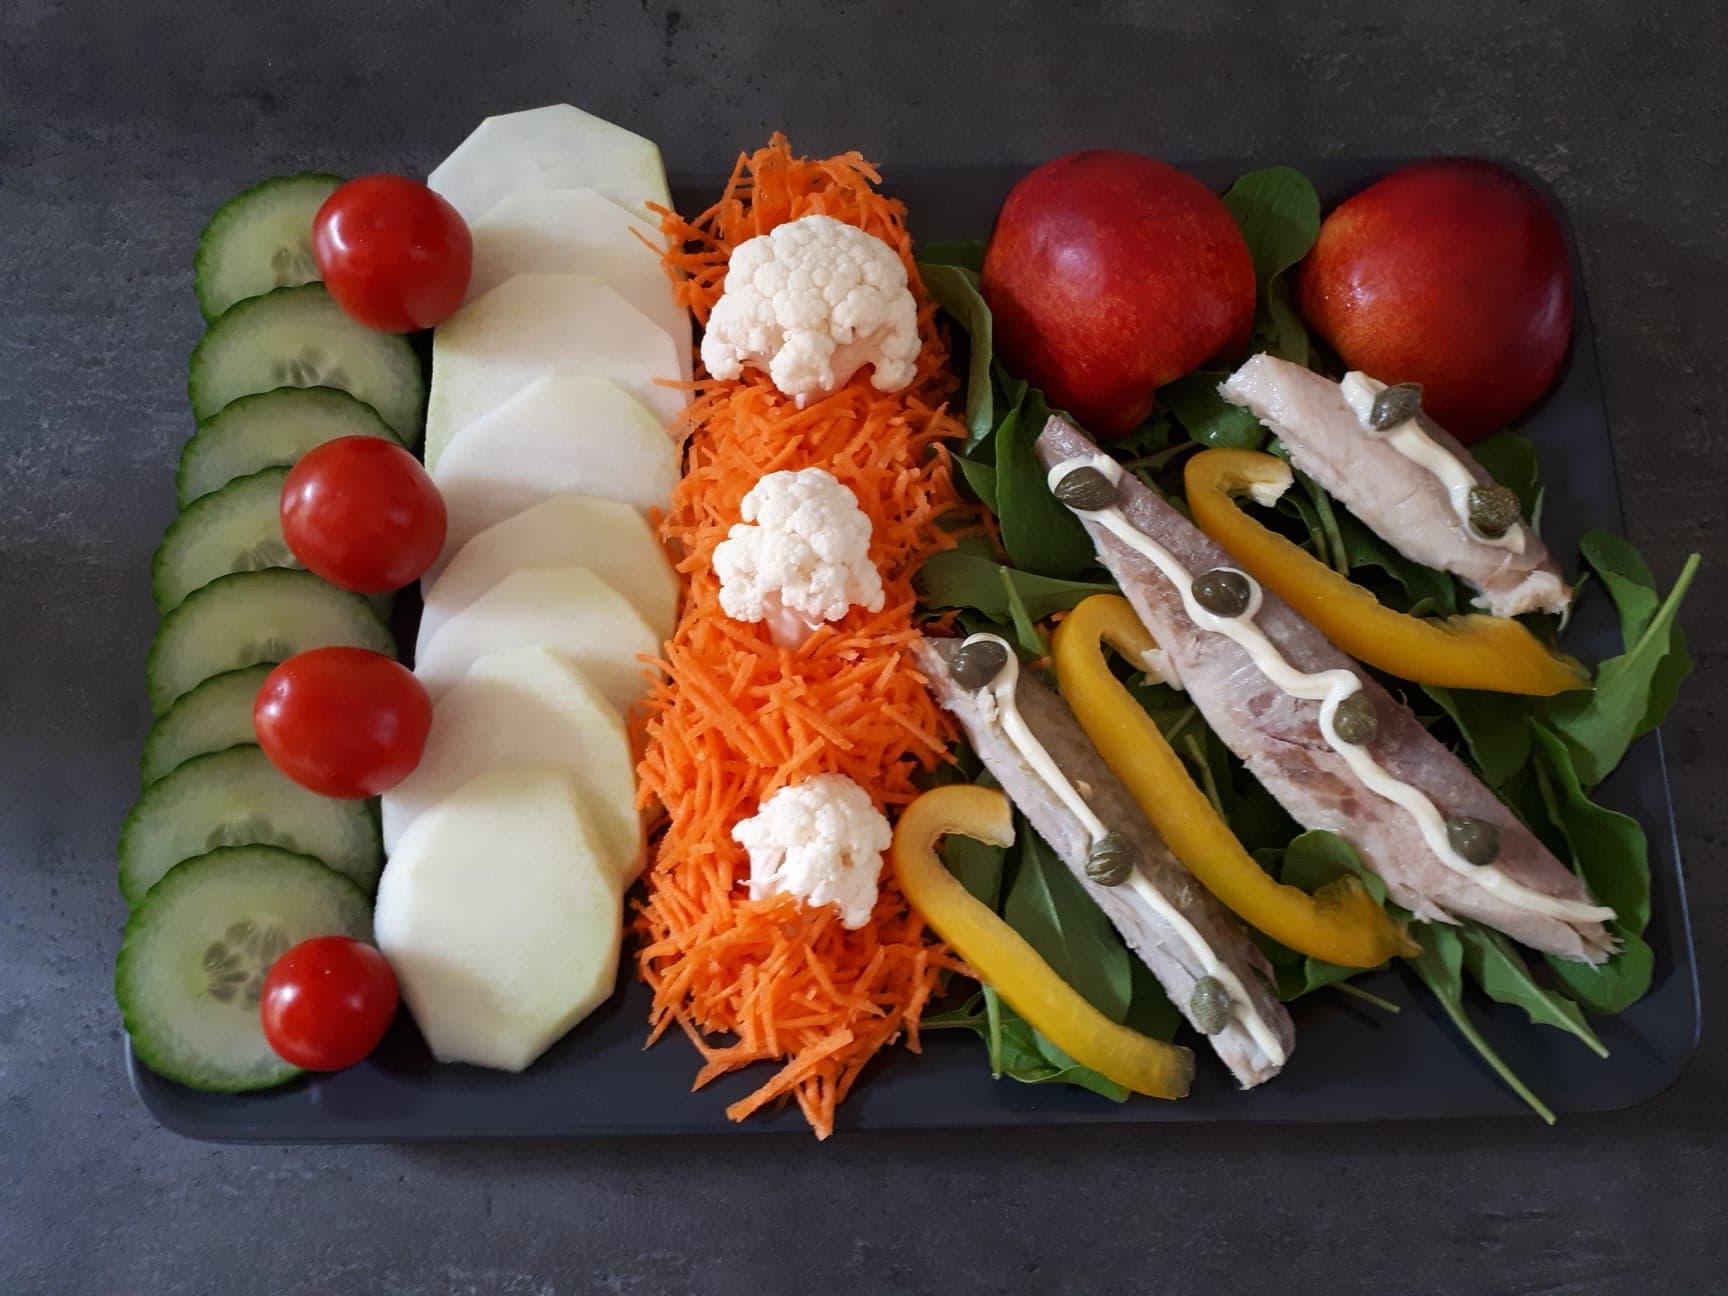 Salade met gerrookte forel en nectarine